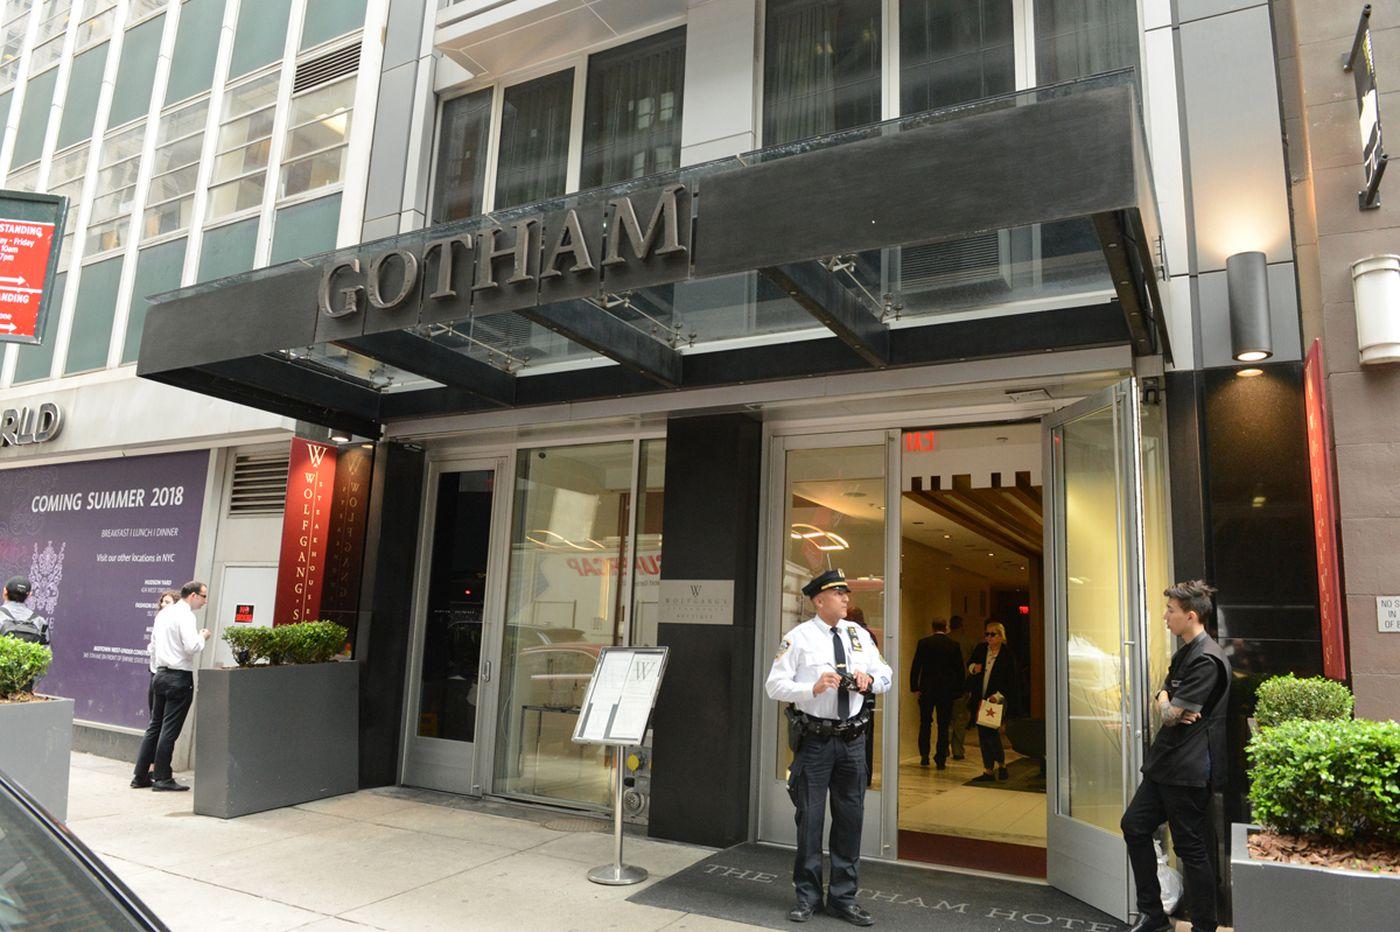 gotham hotel murder suicide thesource